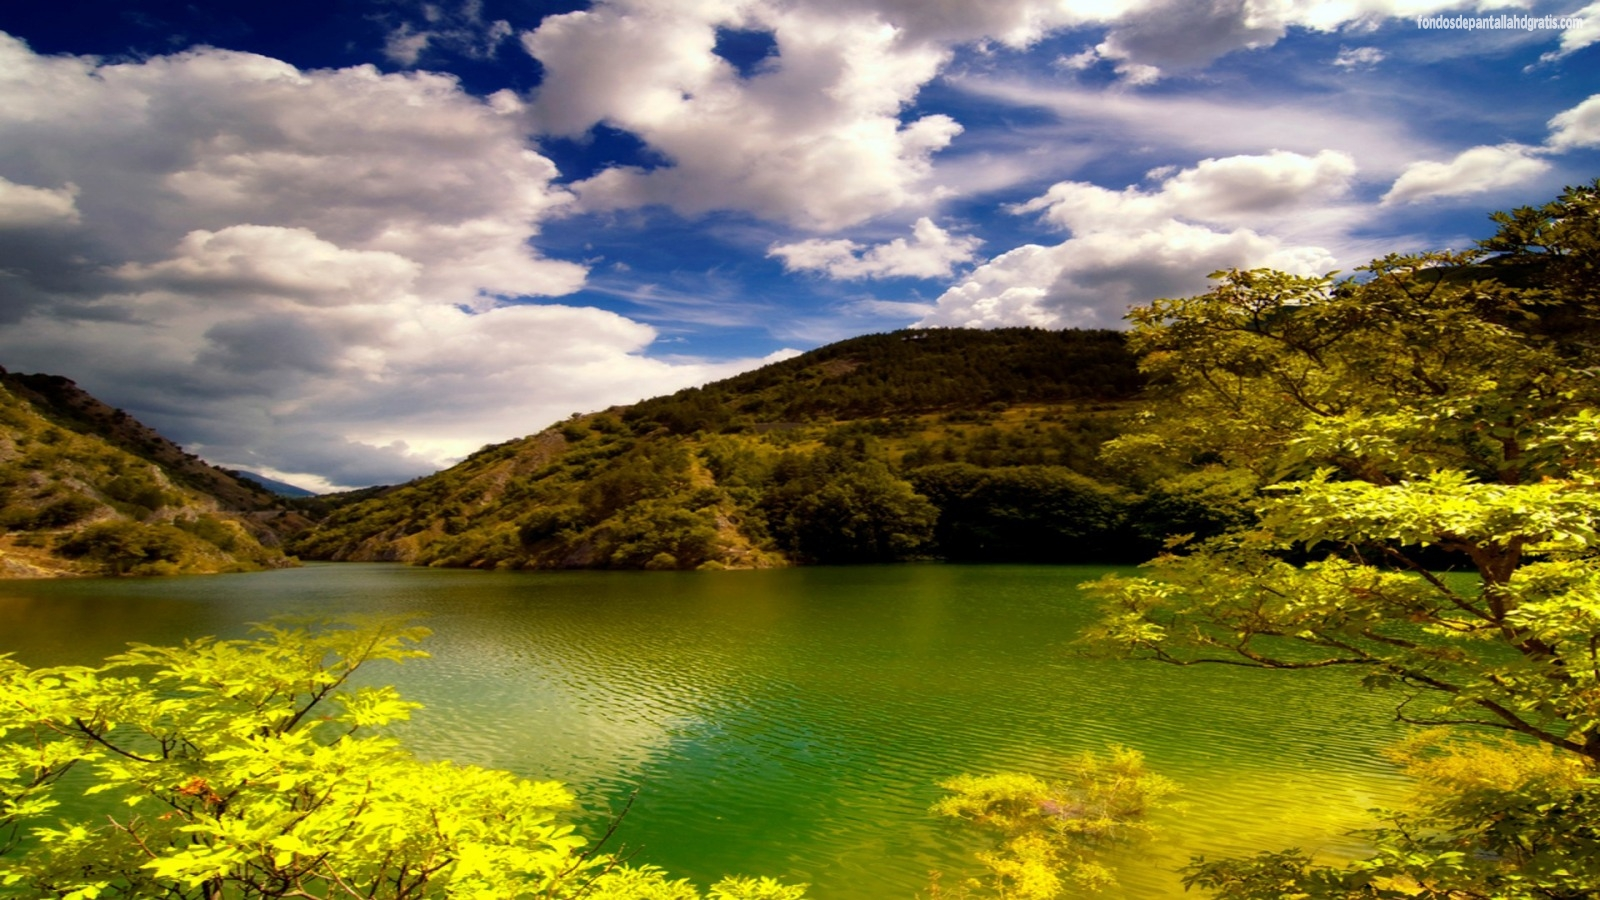 imagen cristianos paisaje con bonito lago fondos de pantalla gratis 1600x900